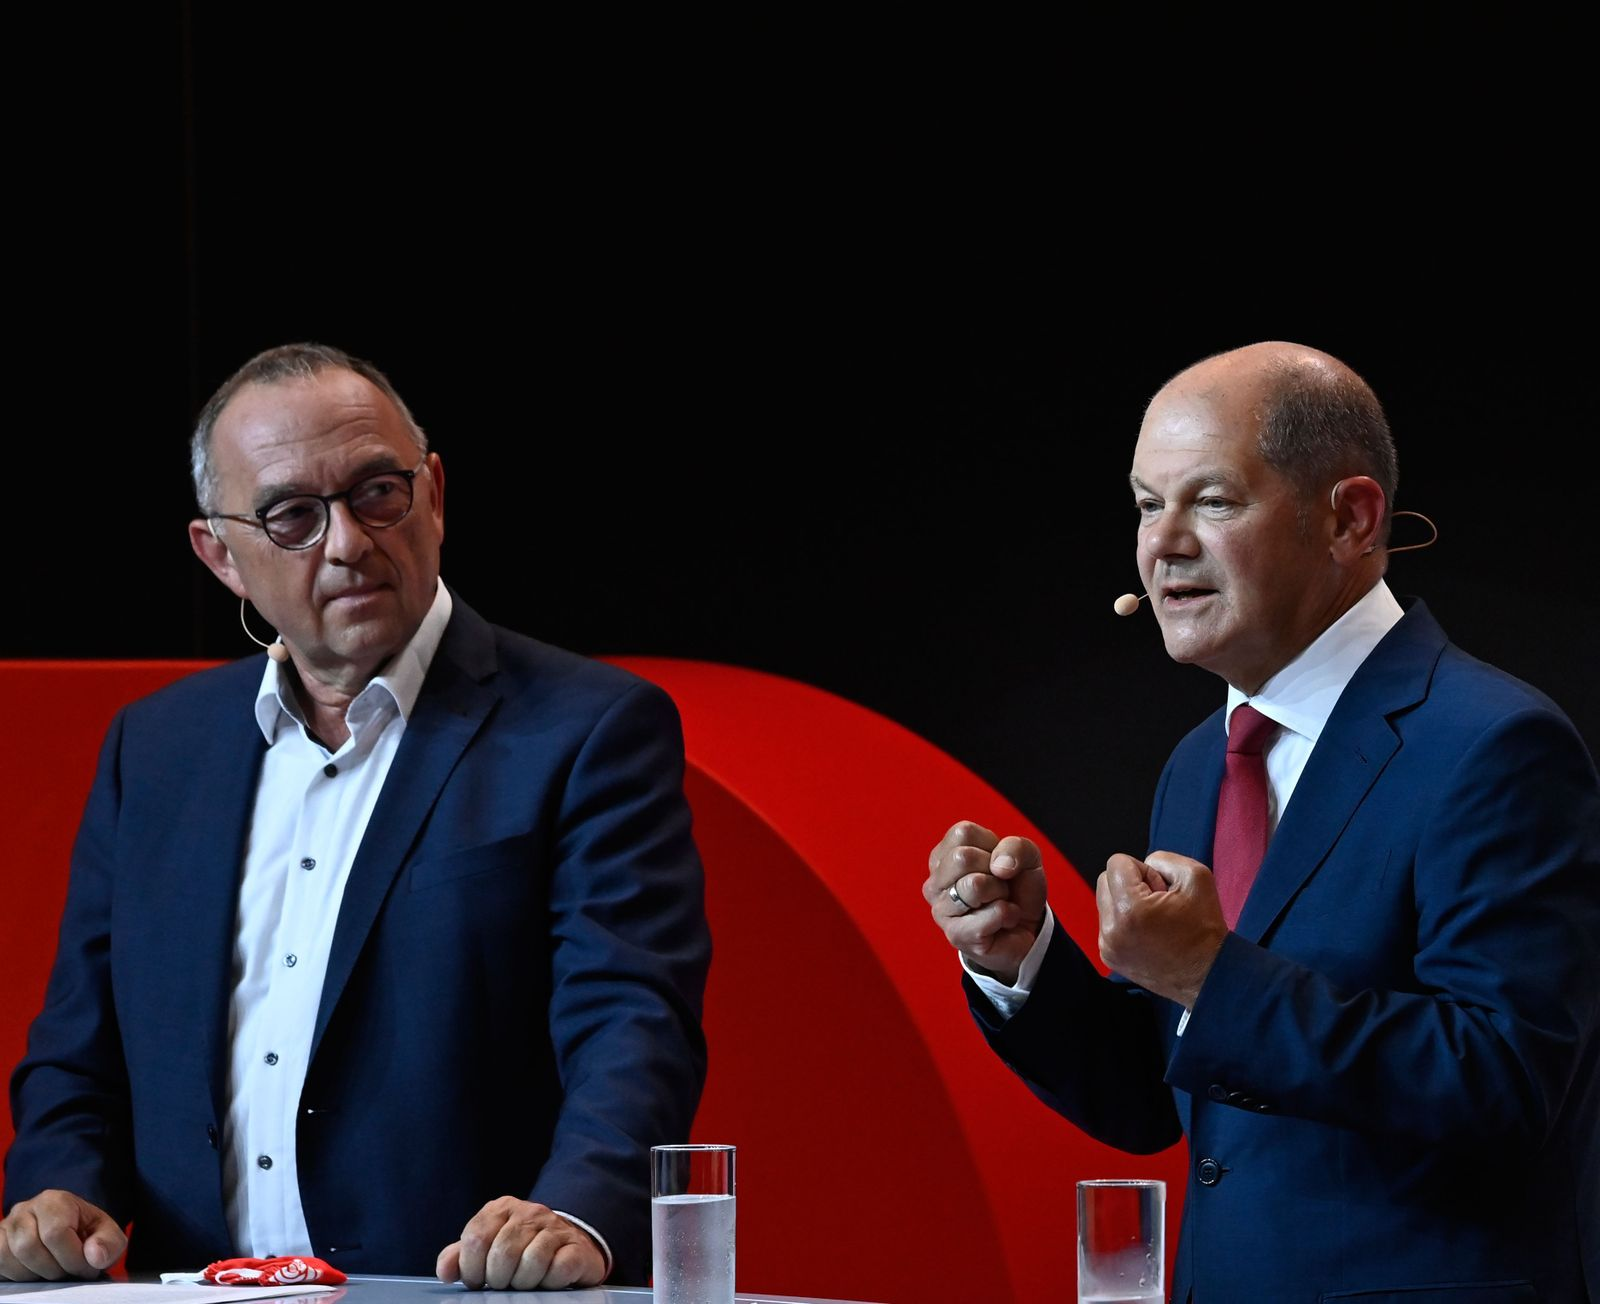 GERMANY-POLITICS-PARTIES-SPD-ELECTION-CHANCELLOR-SCHOLZ